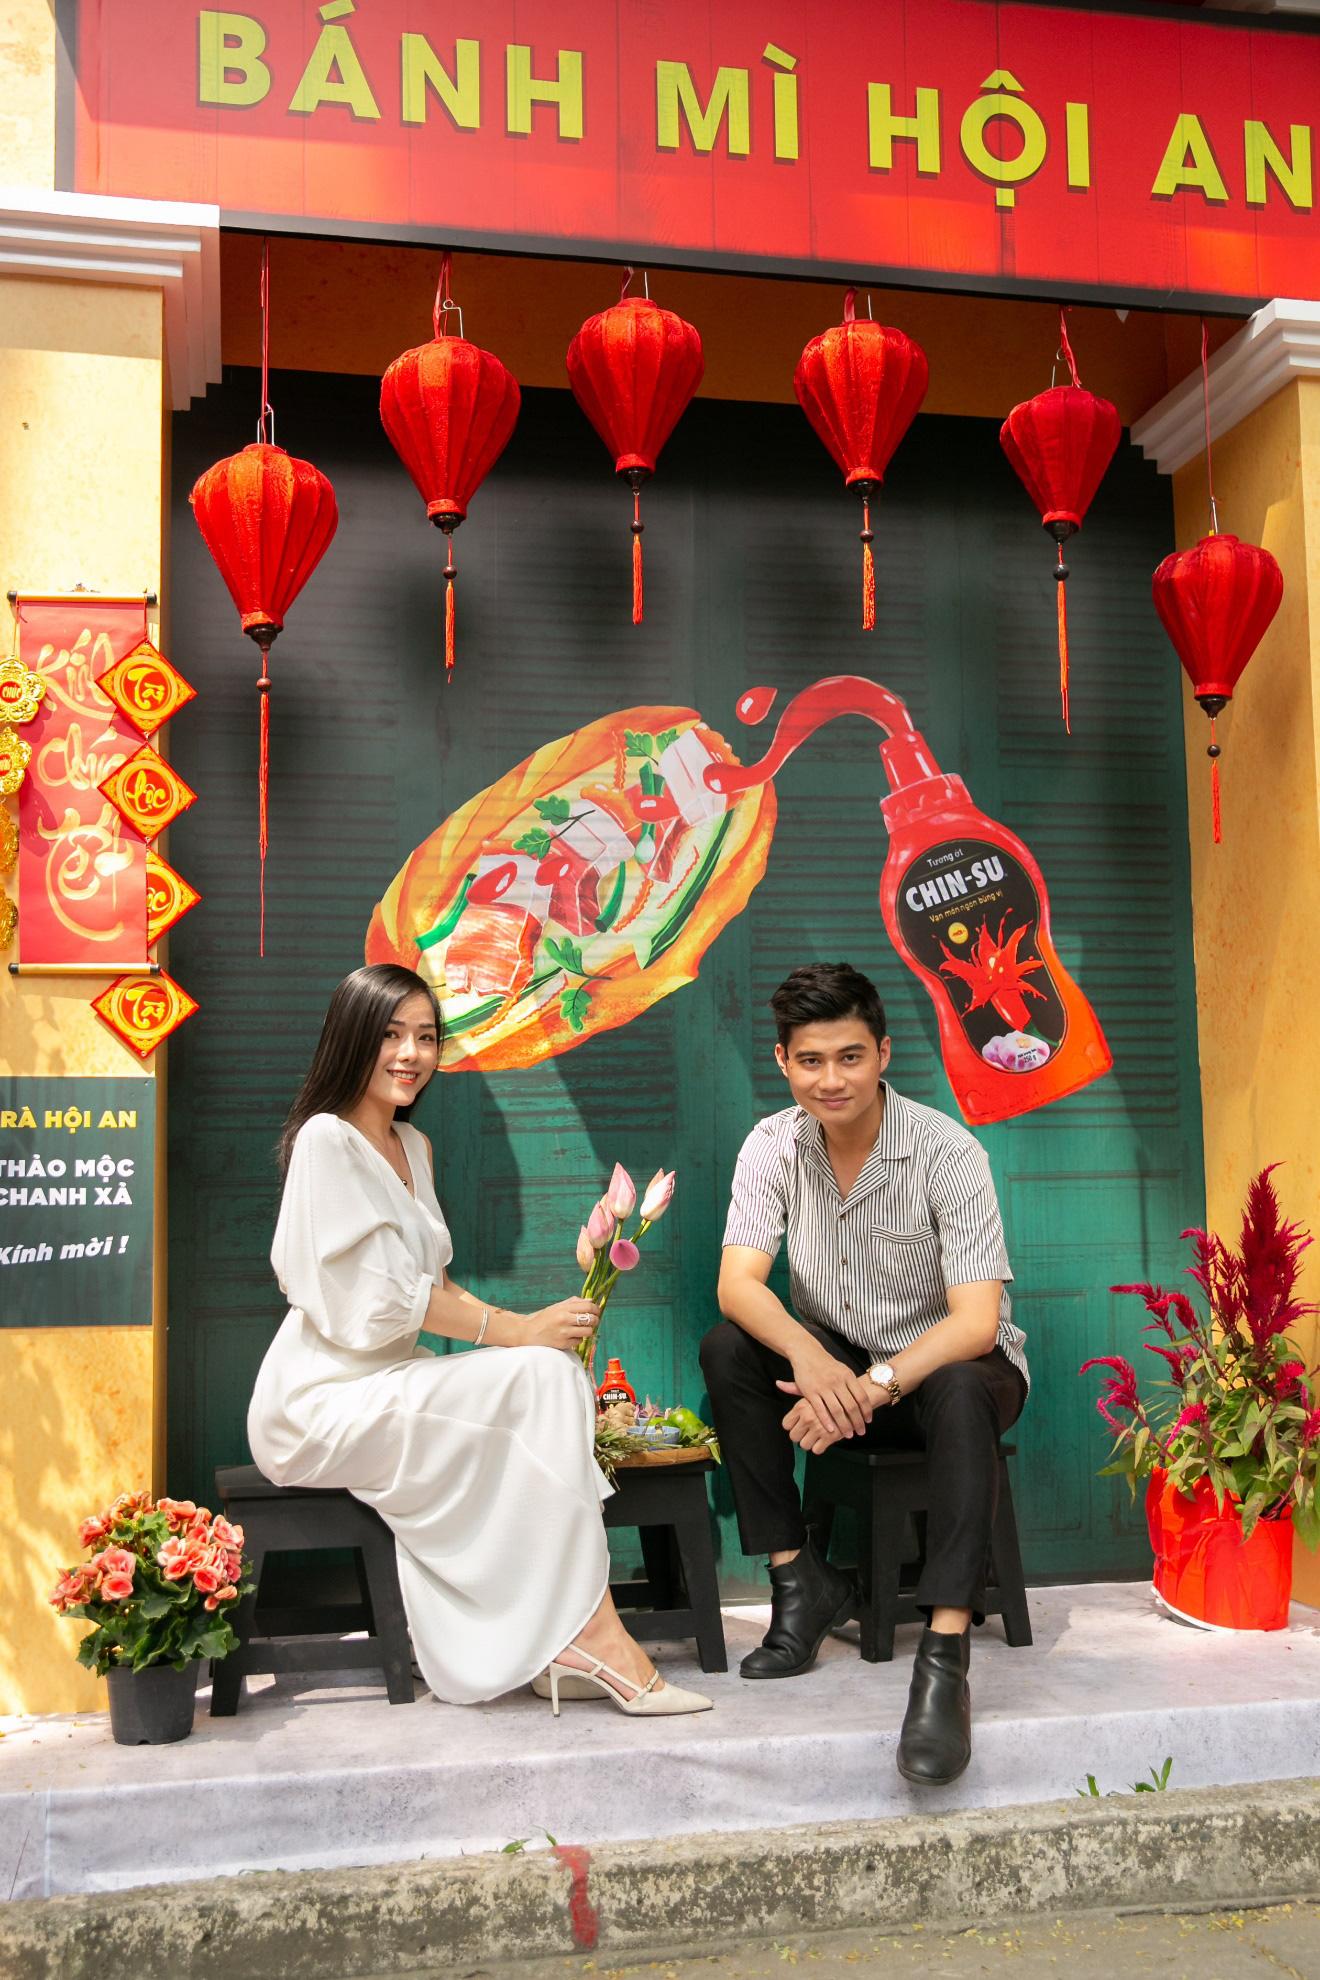 Giới trẻ rần rần check-in gian hàng Tết của CHIN-SU tại Lễ Hội Tết Việt 2021 - Ảnh 2.